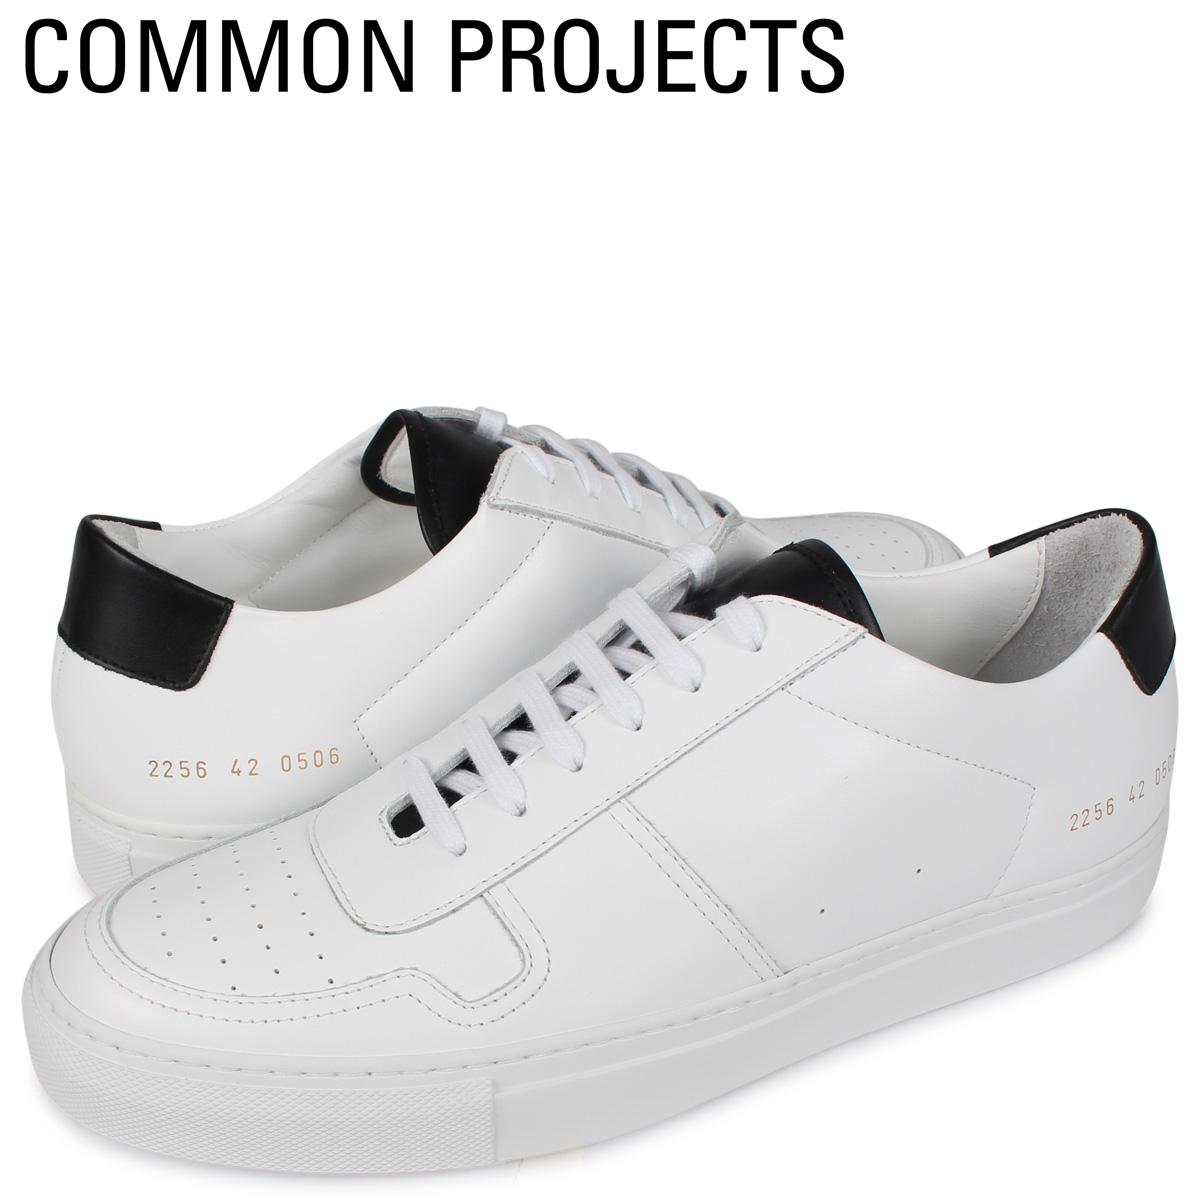 コモンプロジェクト Common Projects ボール ロー レトロ スニーカー メンズ BALL LOW RETRO ホワイト 白 2256-0506 [4/2新入荷]